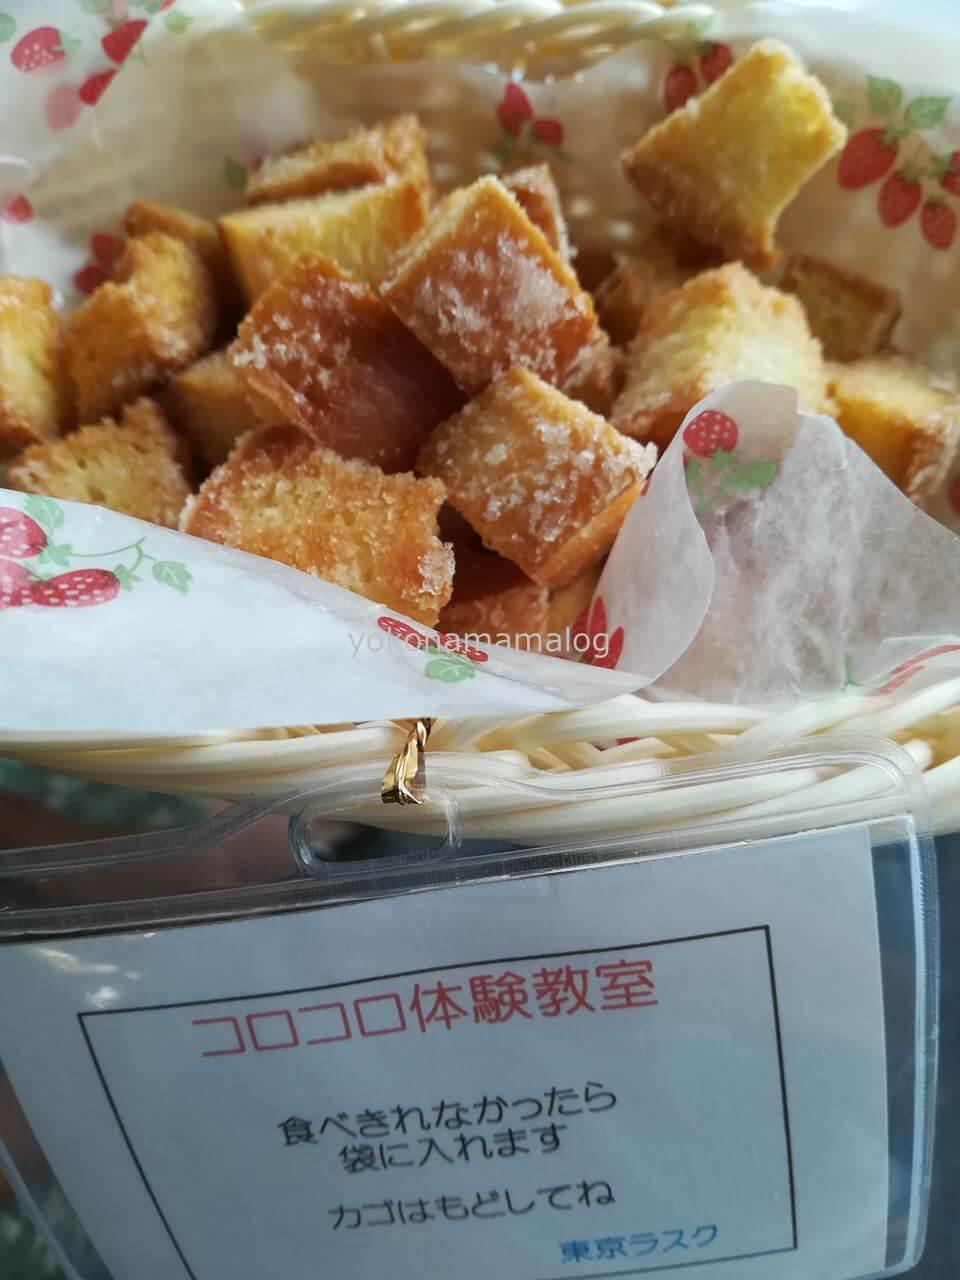 おススメ!東京ラスク伊豆ファクトリーで体験教室をお得に楽しむ